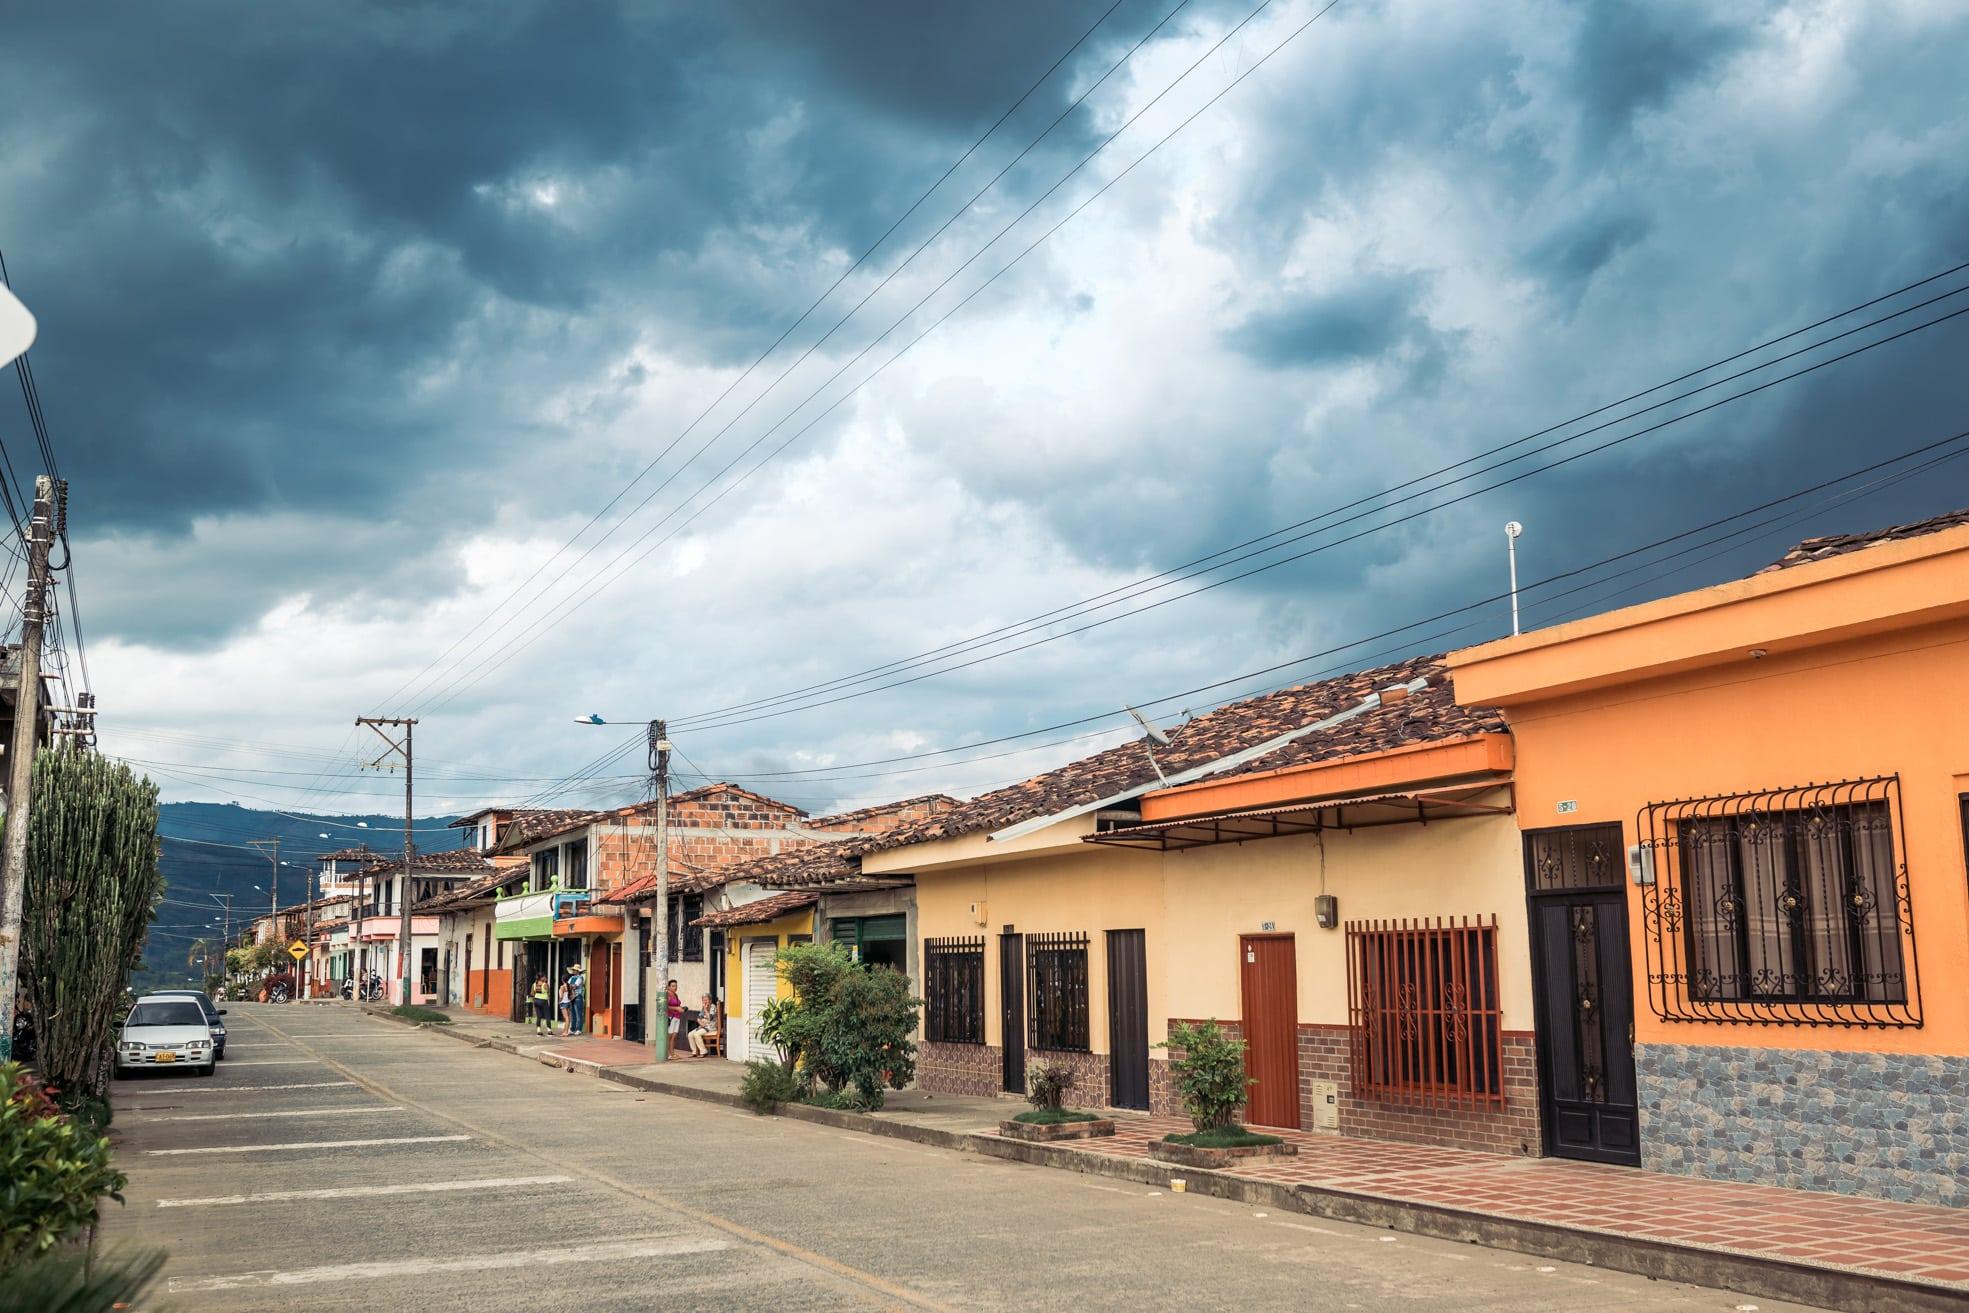 Voyage en Colombie, photos Colombie, photographe voyage, jean-baptiste Chauvin Photographe,